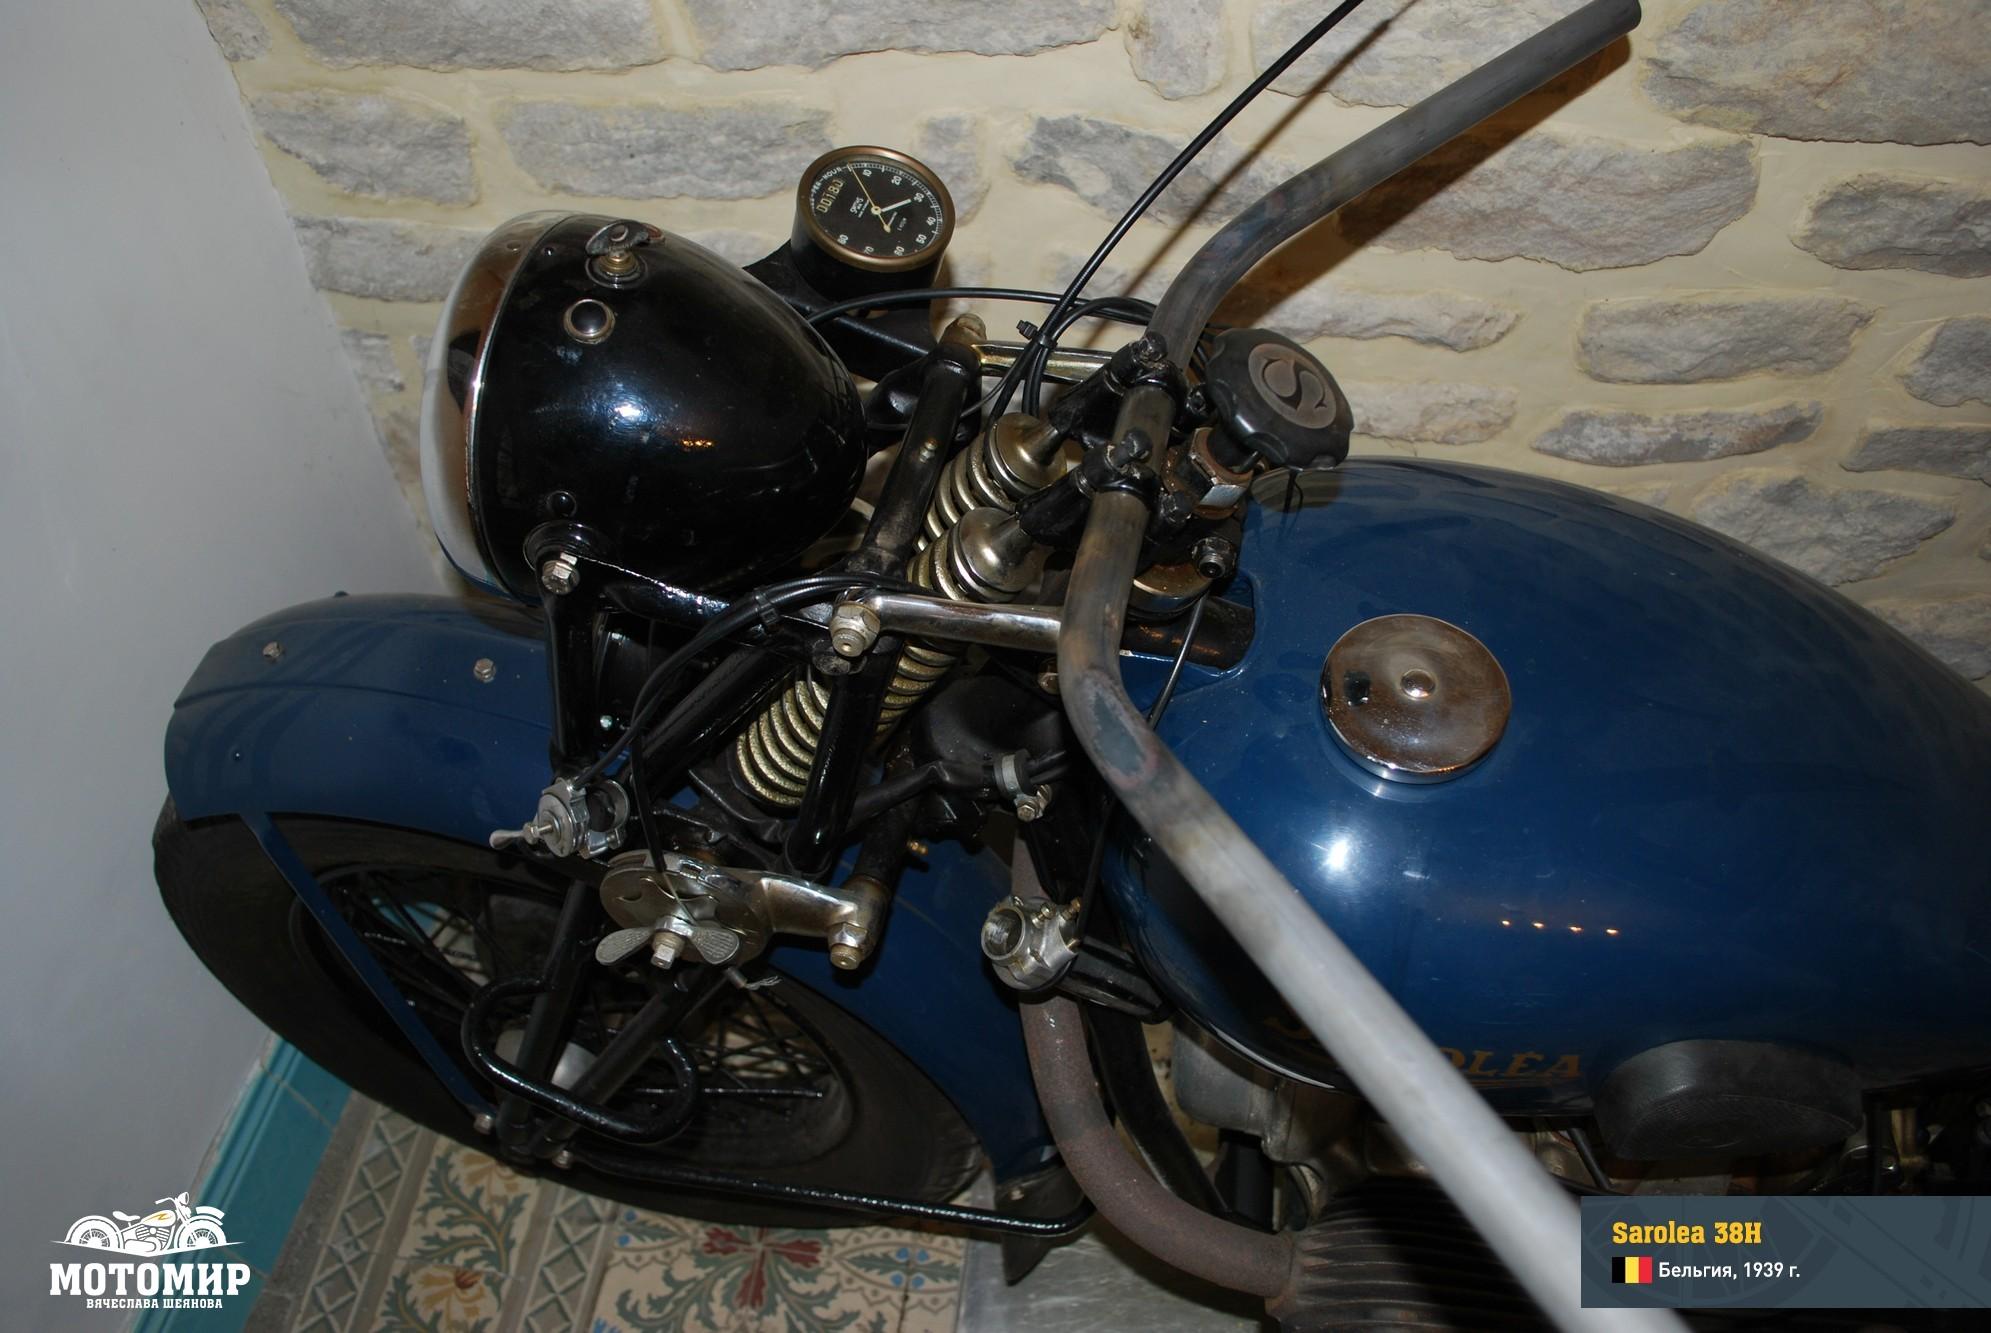 sarolea-38-h-1939-web-25